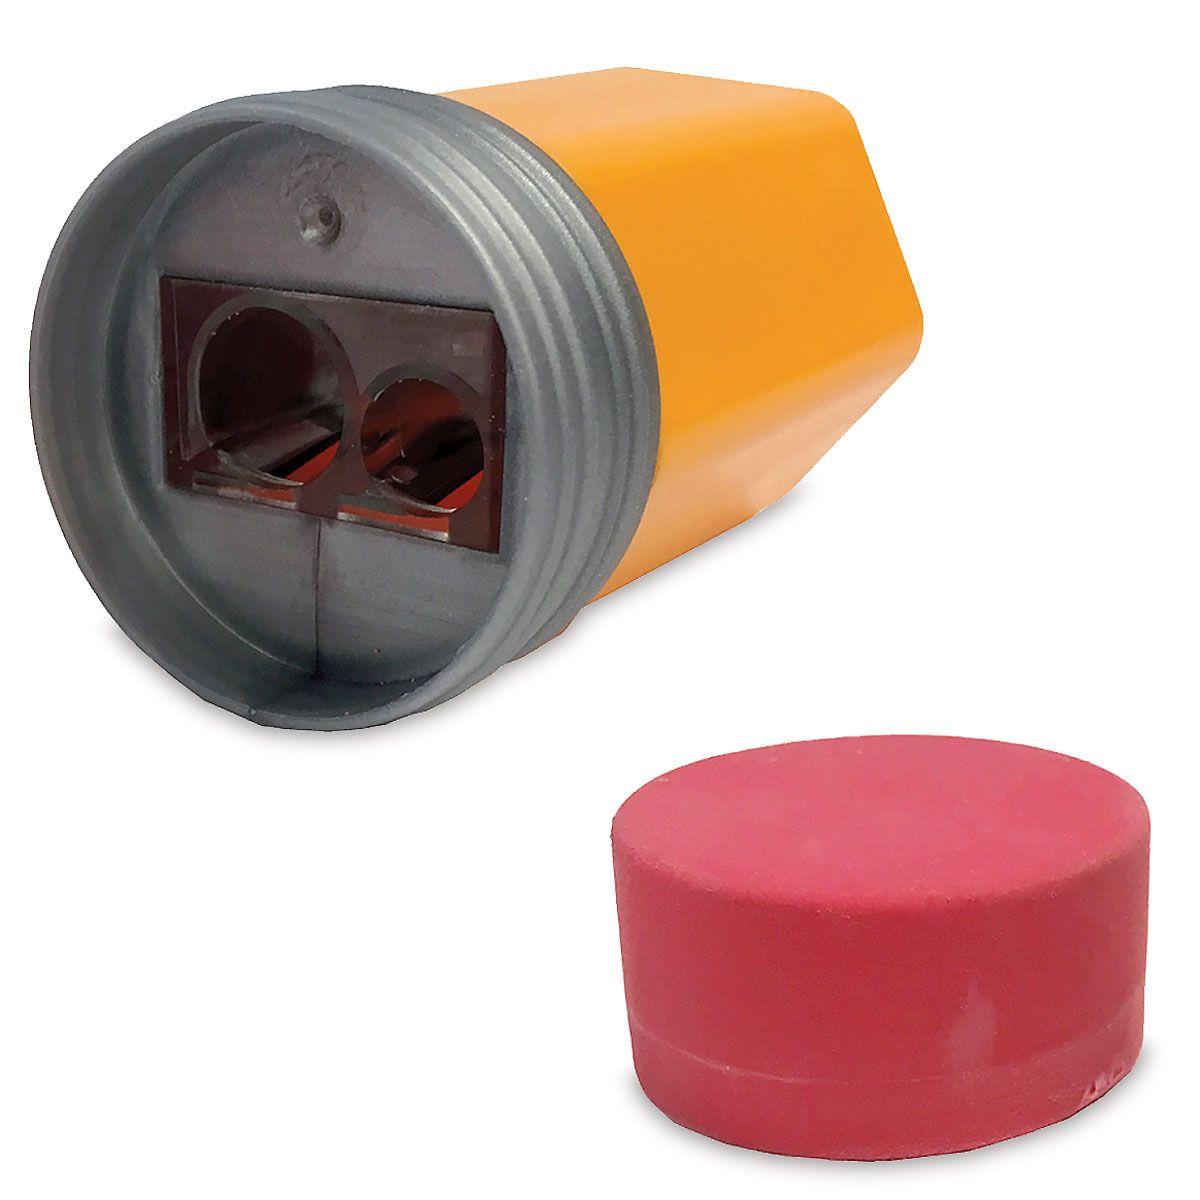 Pencil Sharpener/Eraser